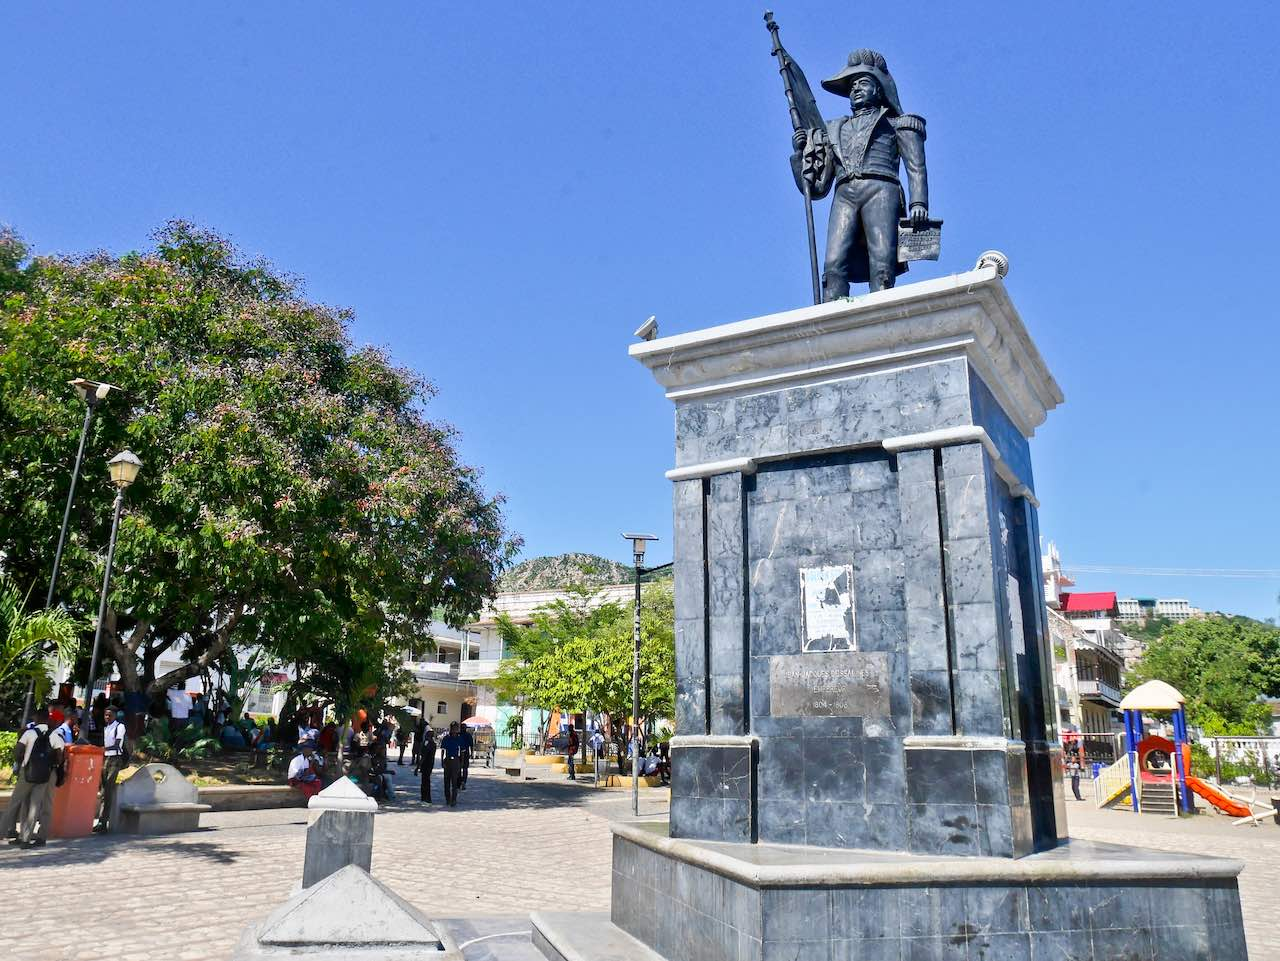 Cap Haitien Square